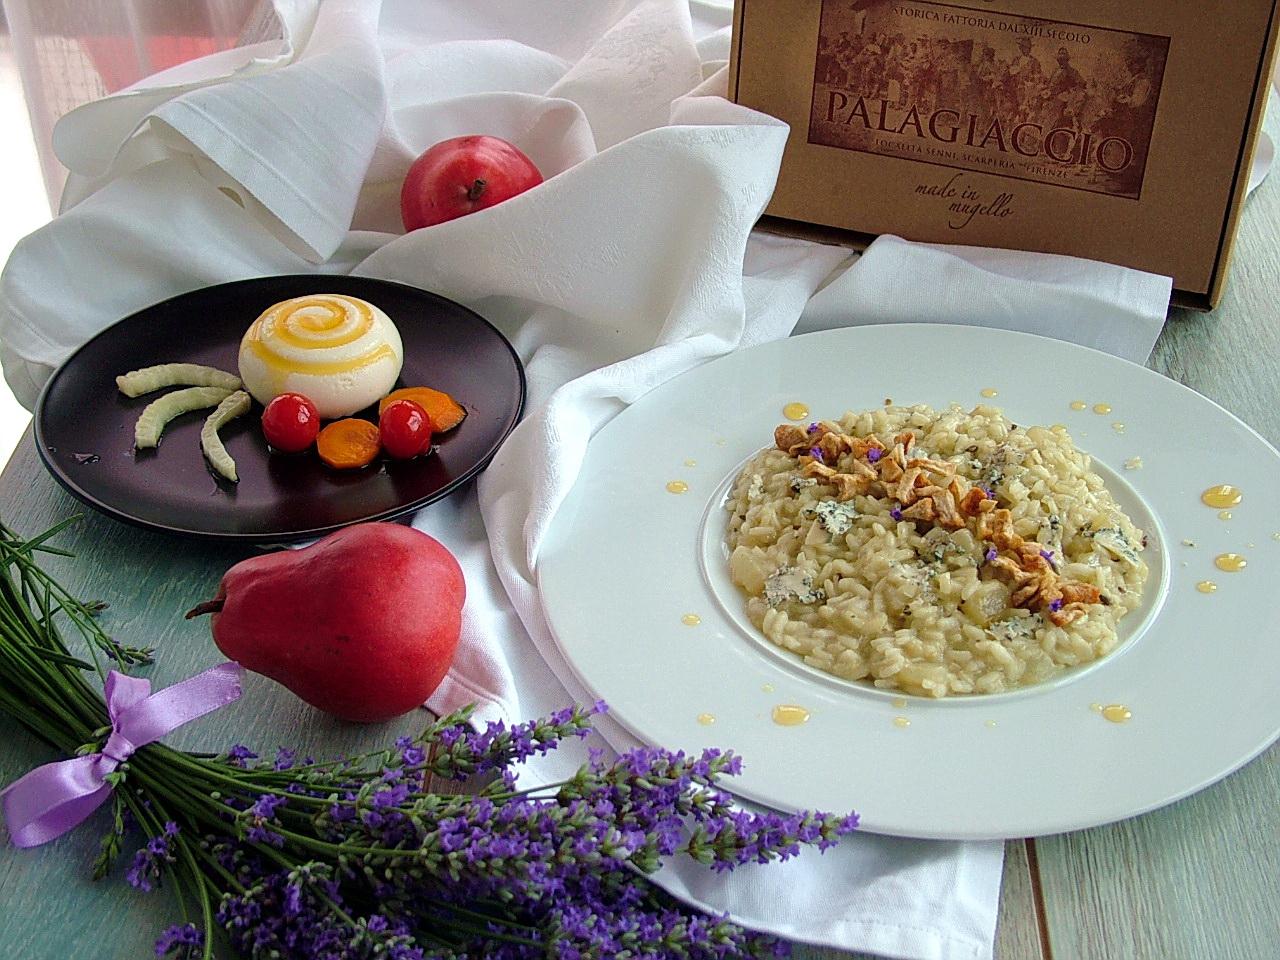 menù per lattidamangiare 5.0 risotto e bavarese